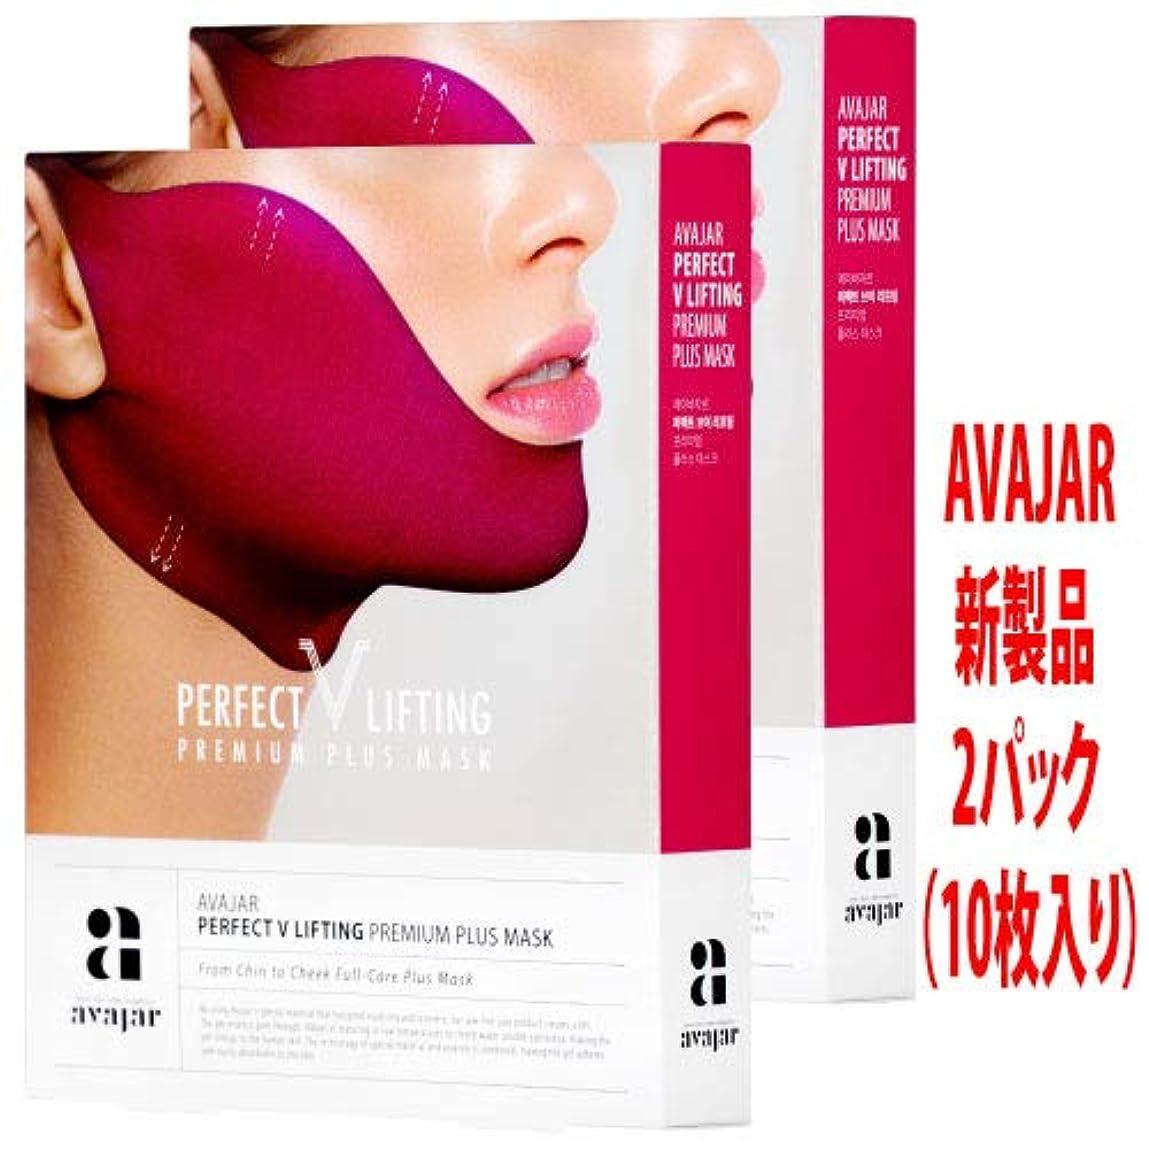 コンプライアンスゲストマッシュ*AVAJARの新製品発売* AVAJAR Vリフティングプラスマスク 2パック(10回分)